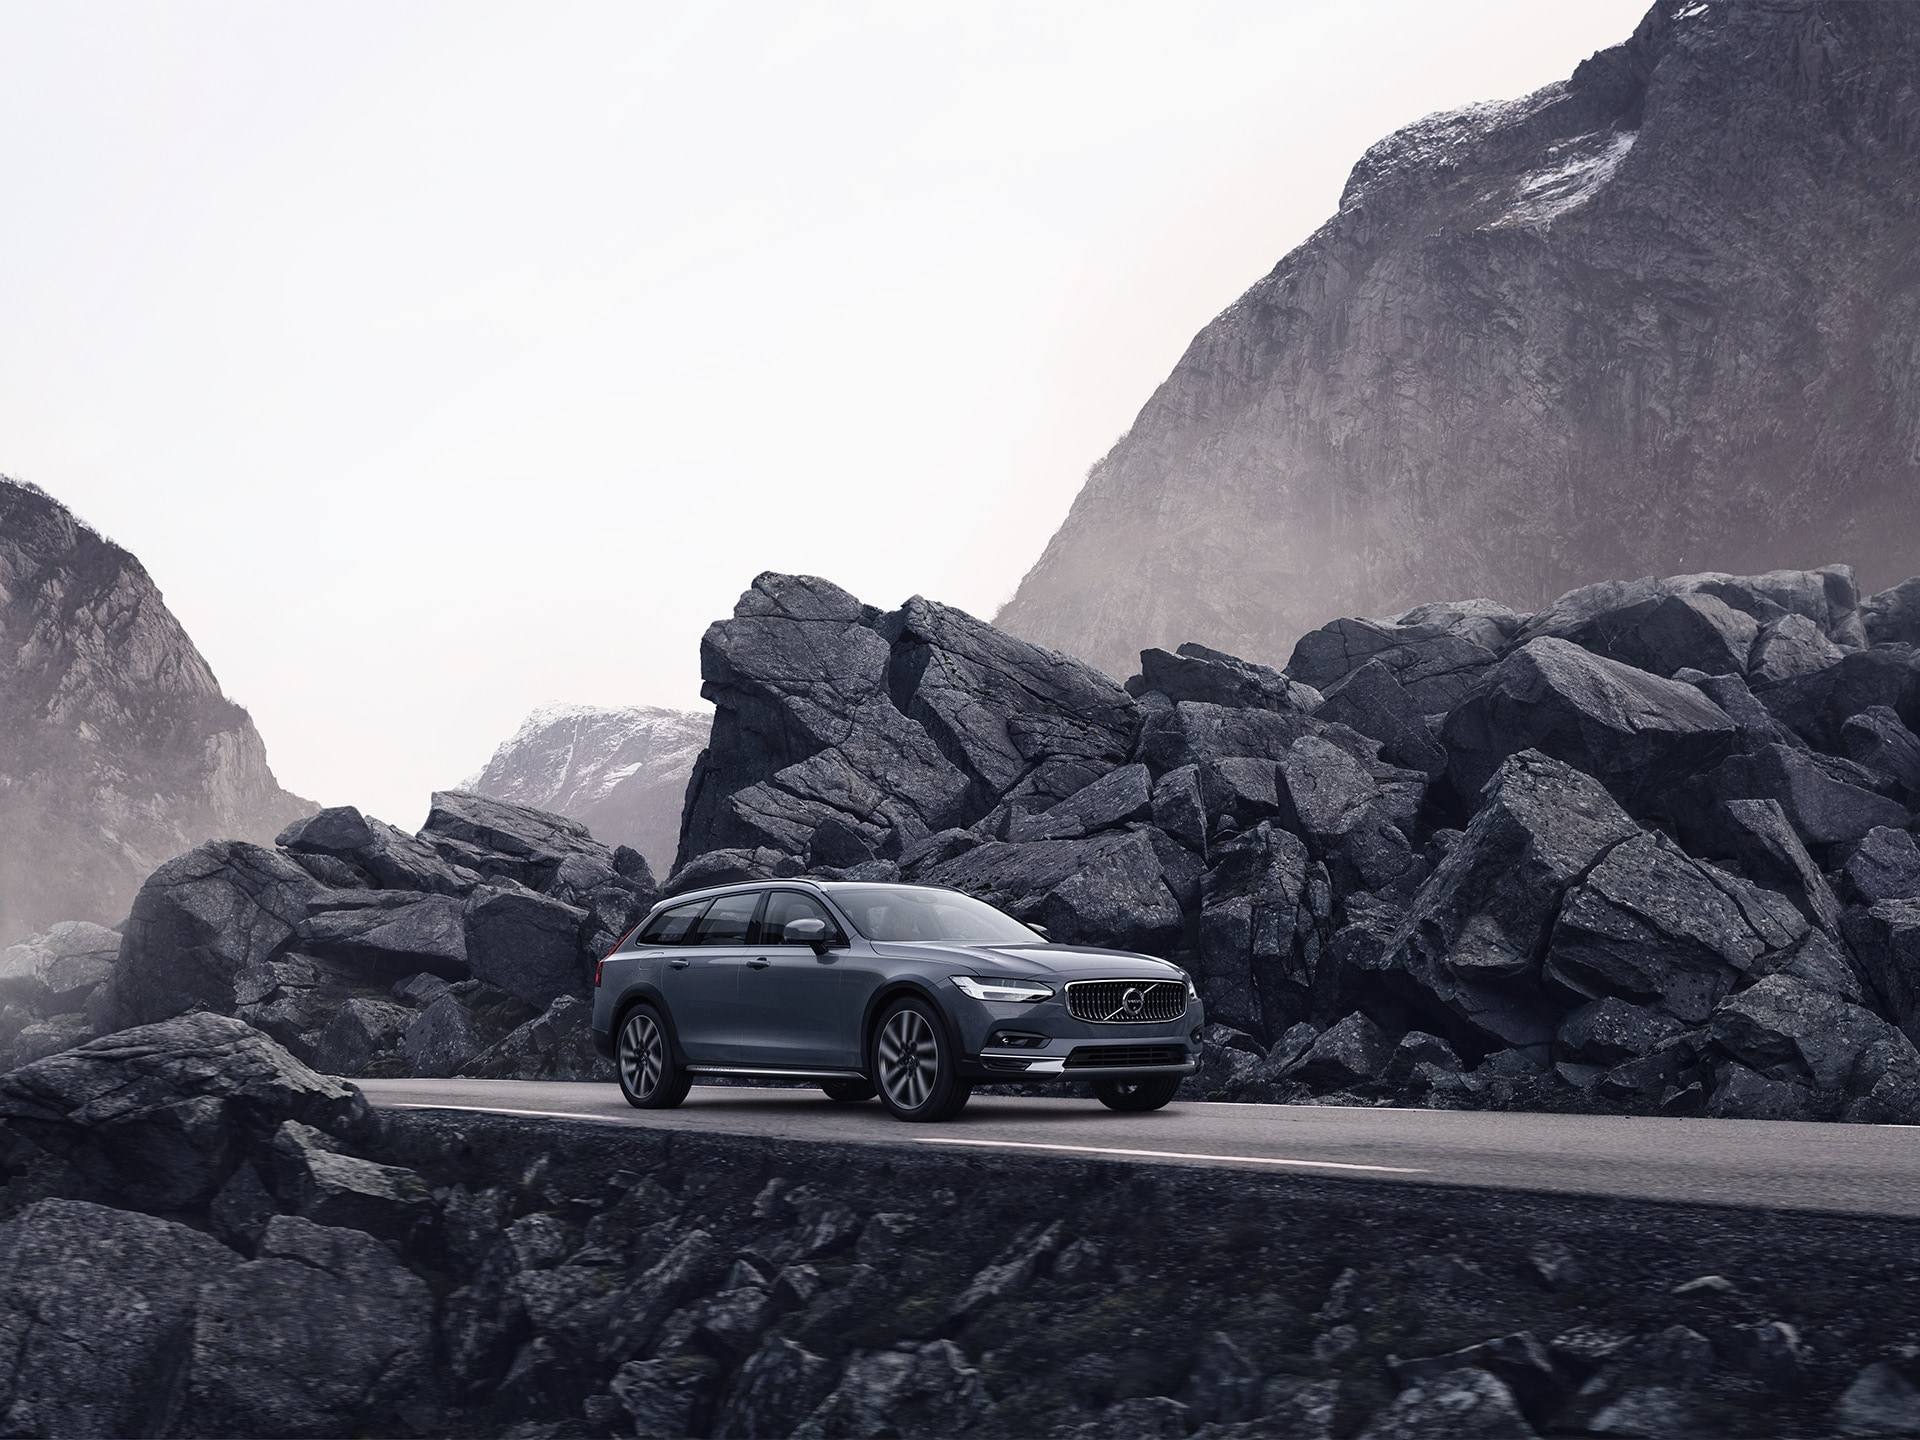 Volvo grise empruntant une route bordée de rochers